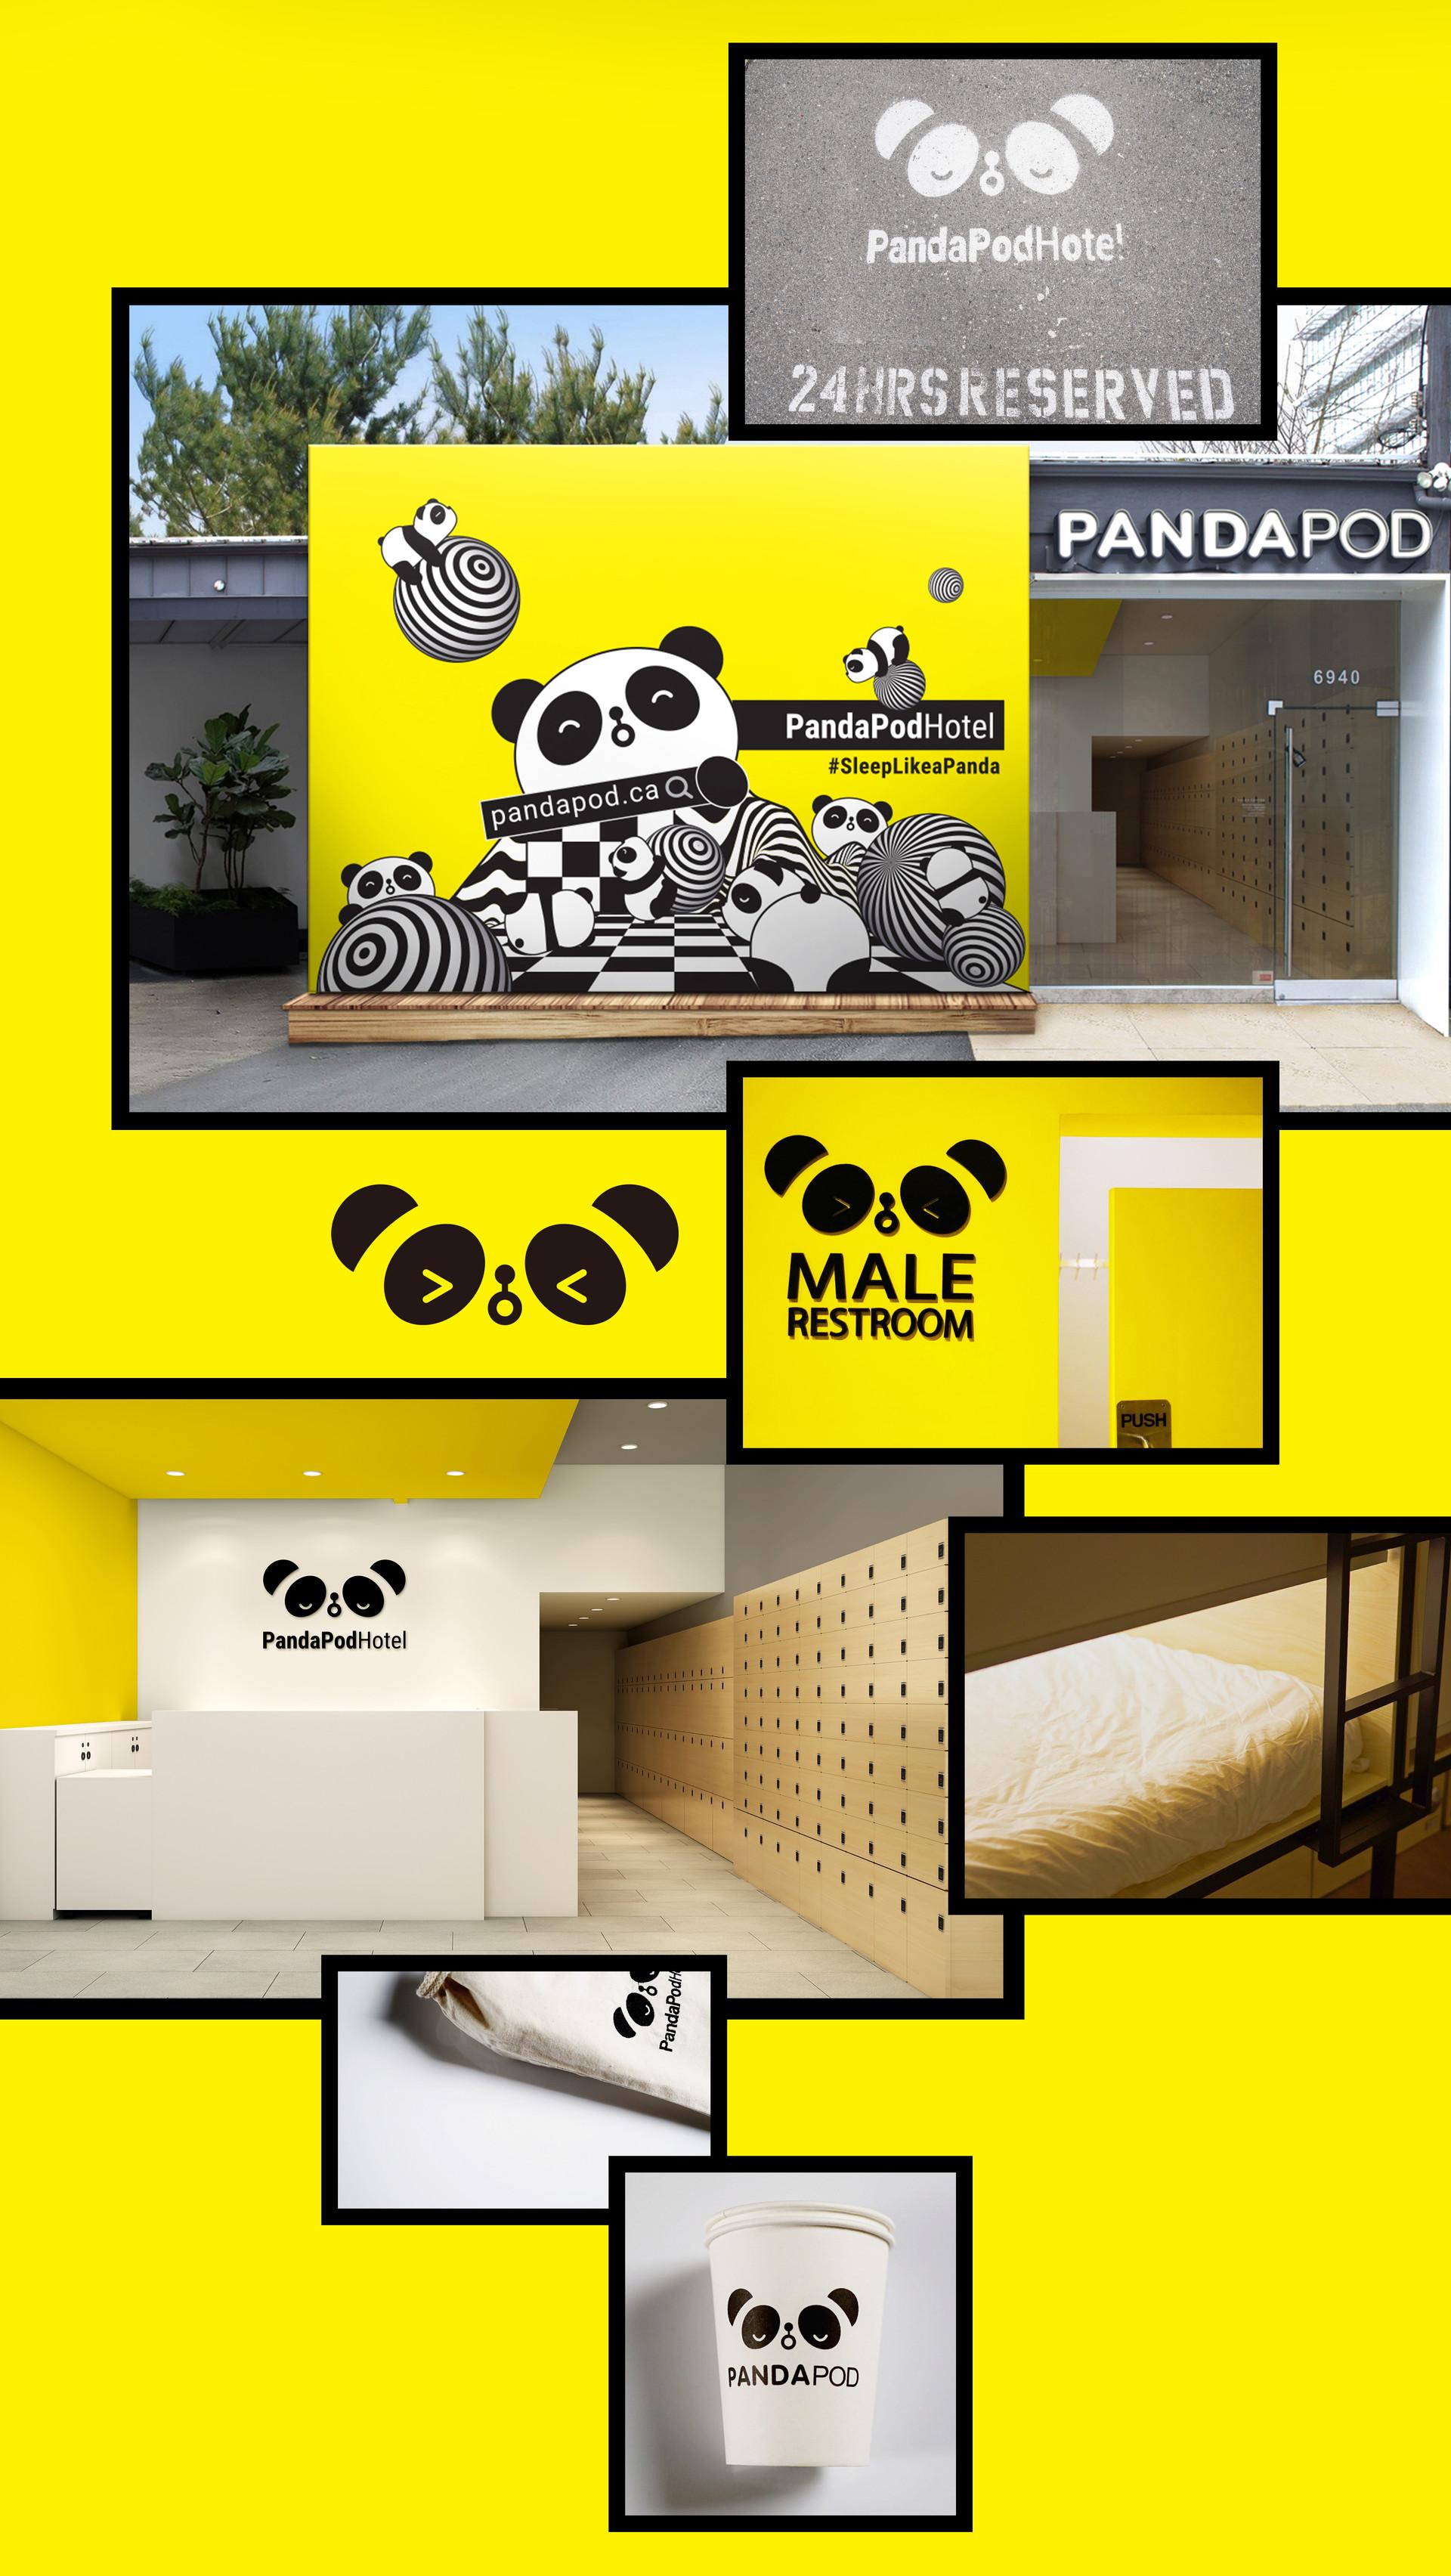 PandaPod Hotel